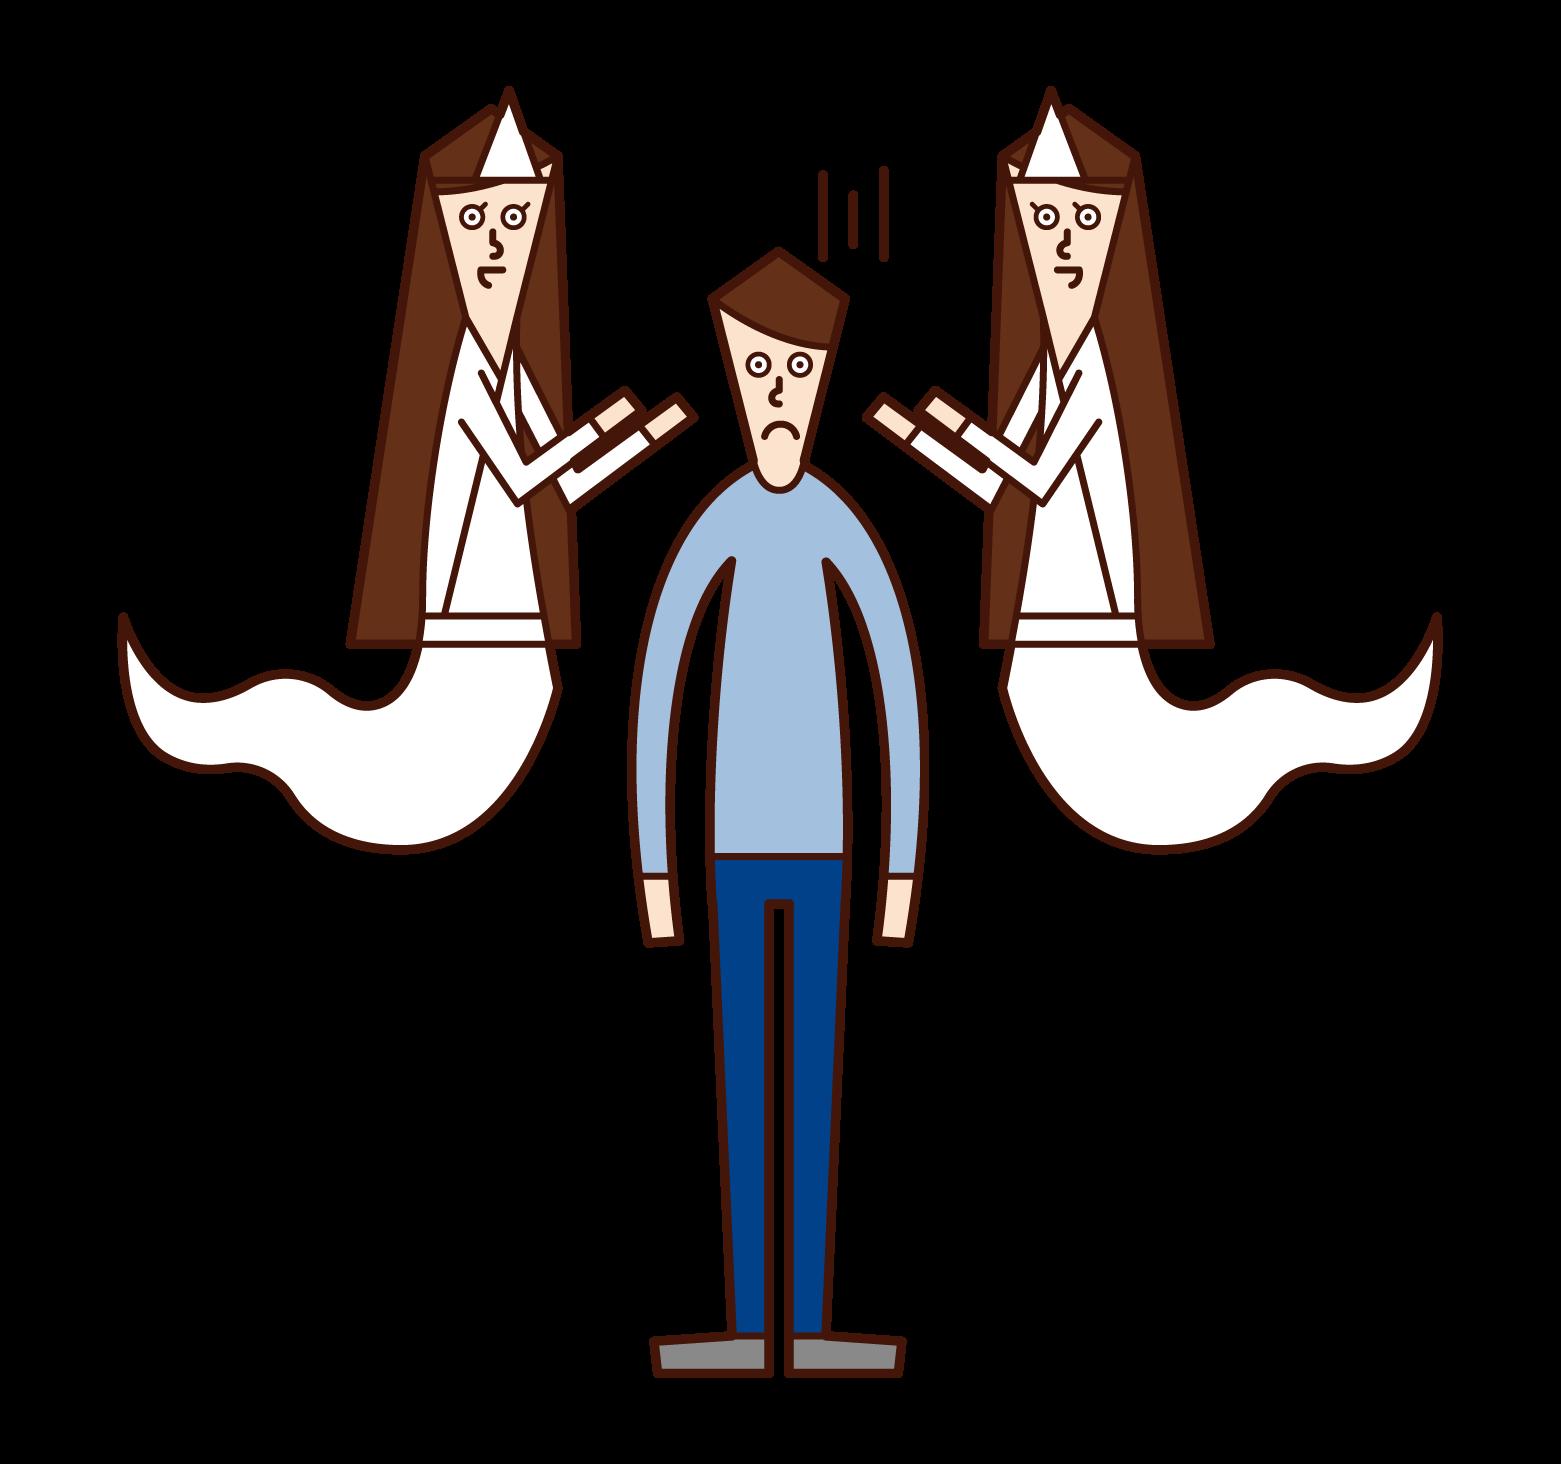 沢山の幽霊に取り憑かれている人(男性)のイラスト